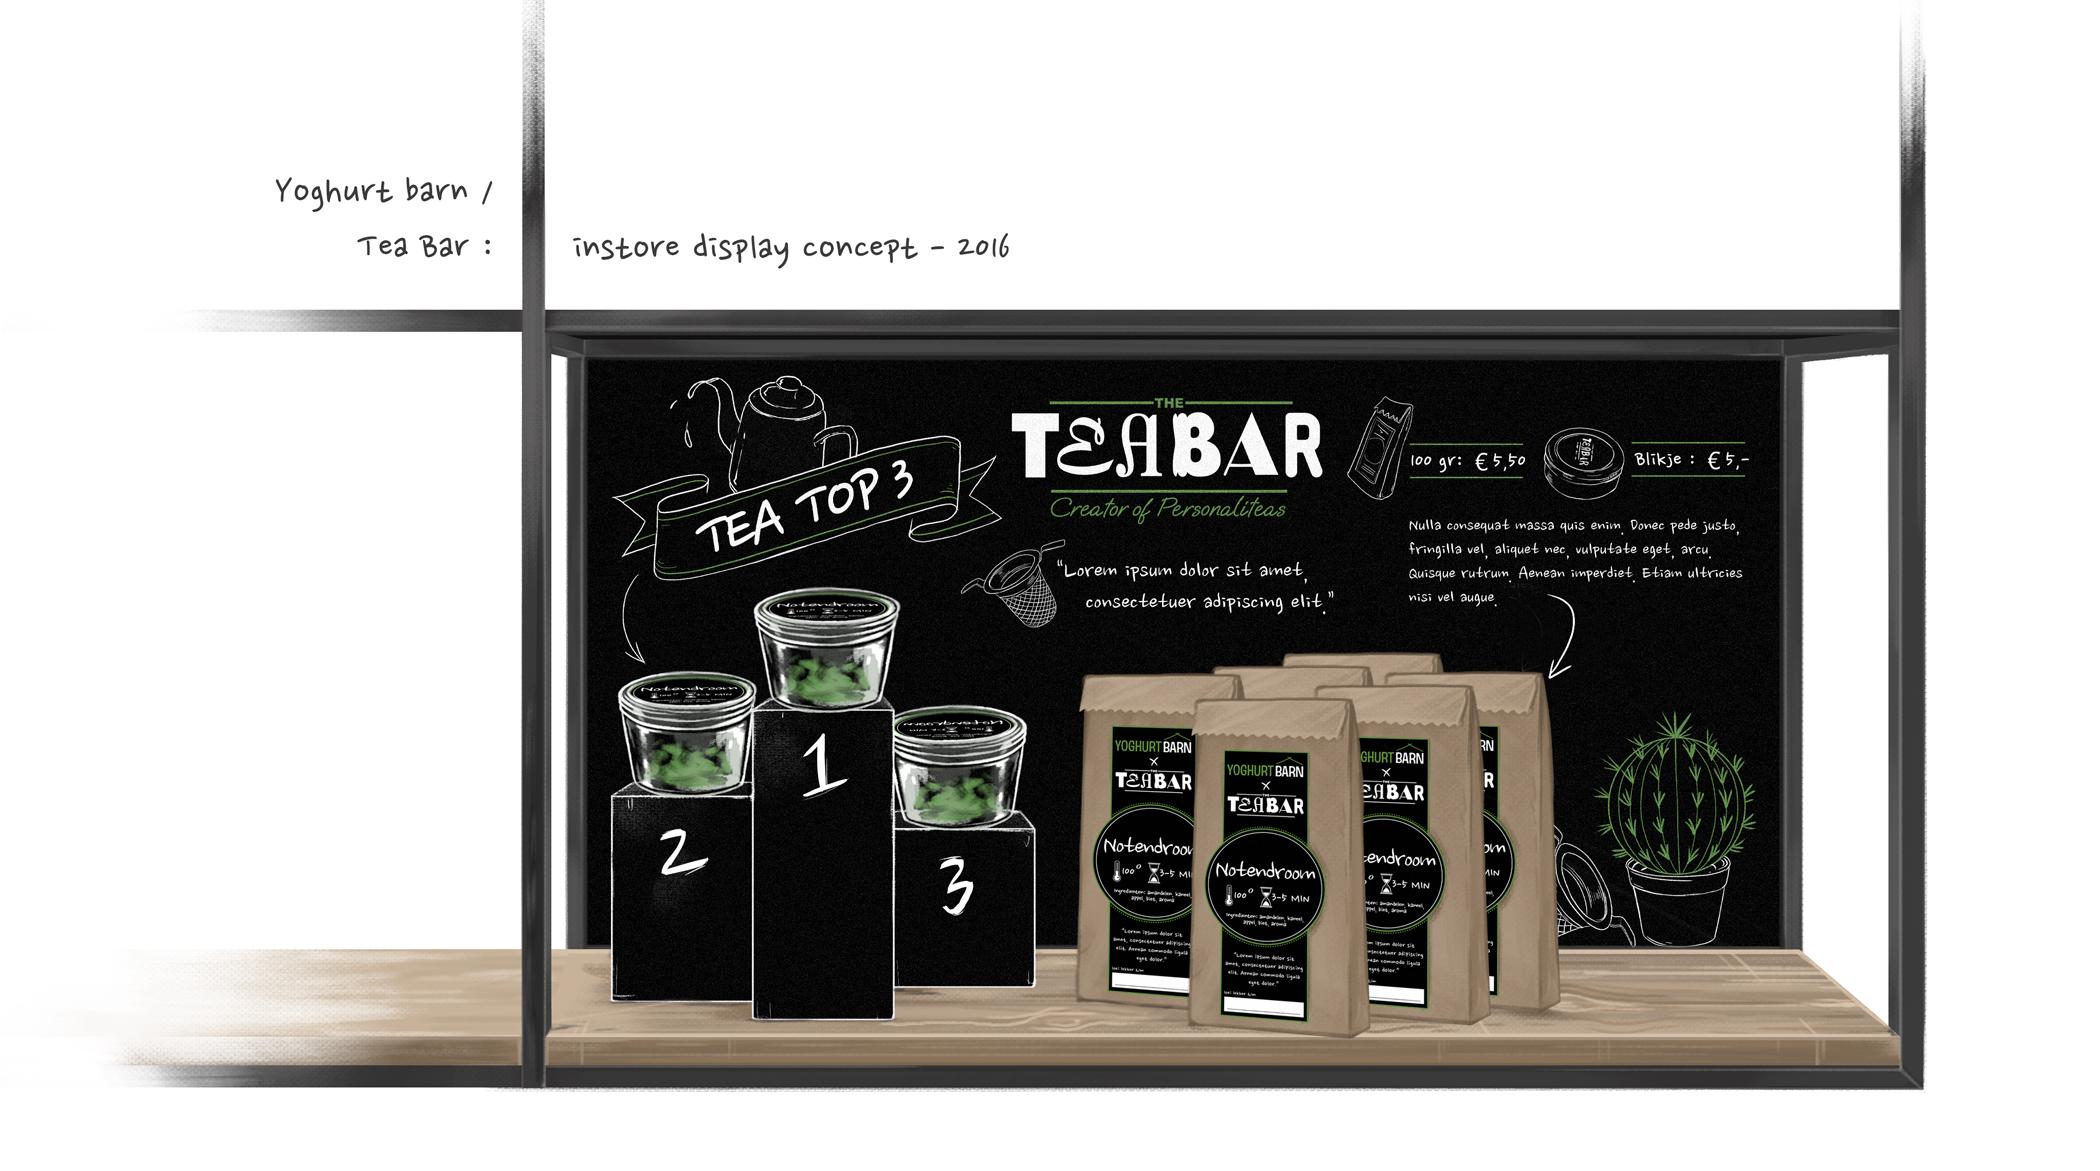 schets van Tea Bar thee verkopen in potjes en zakjes bij Yoghurt Barn